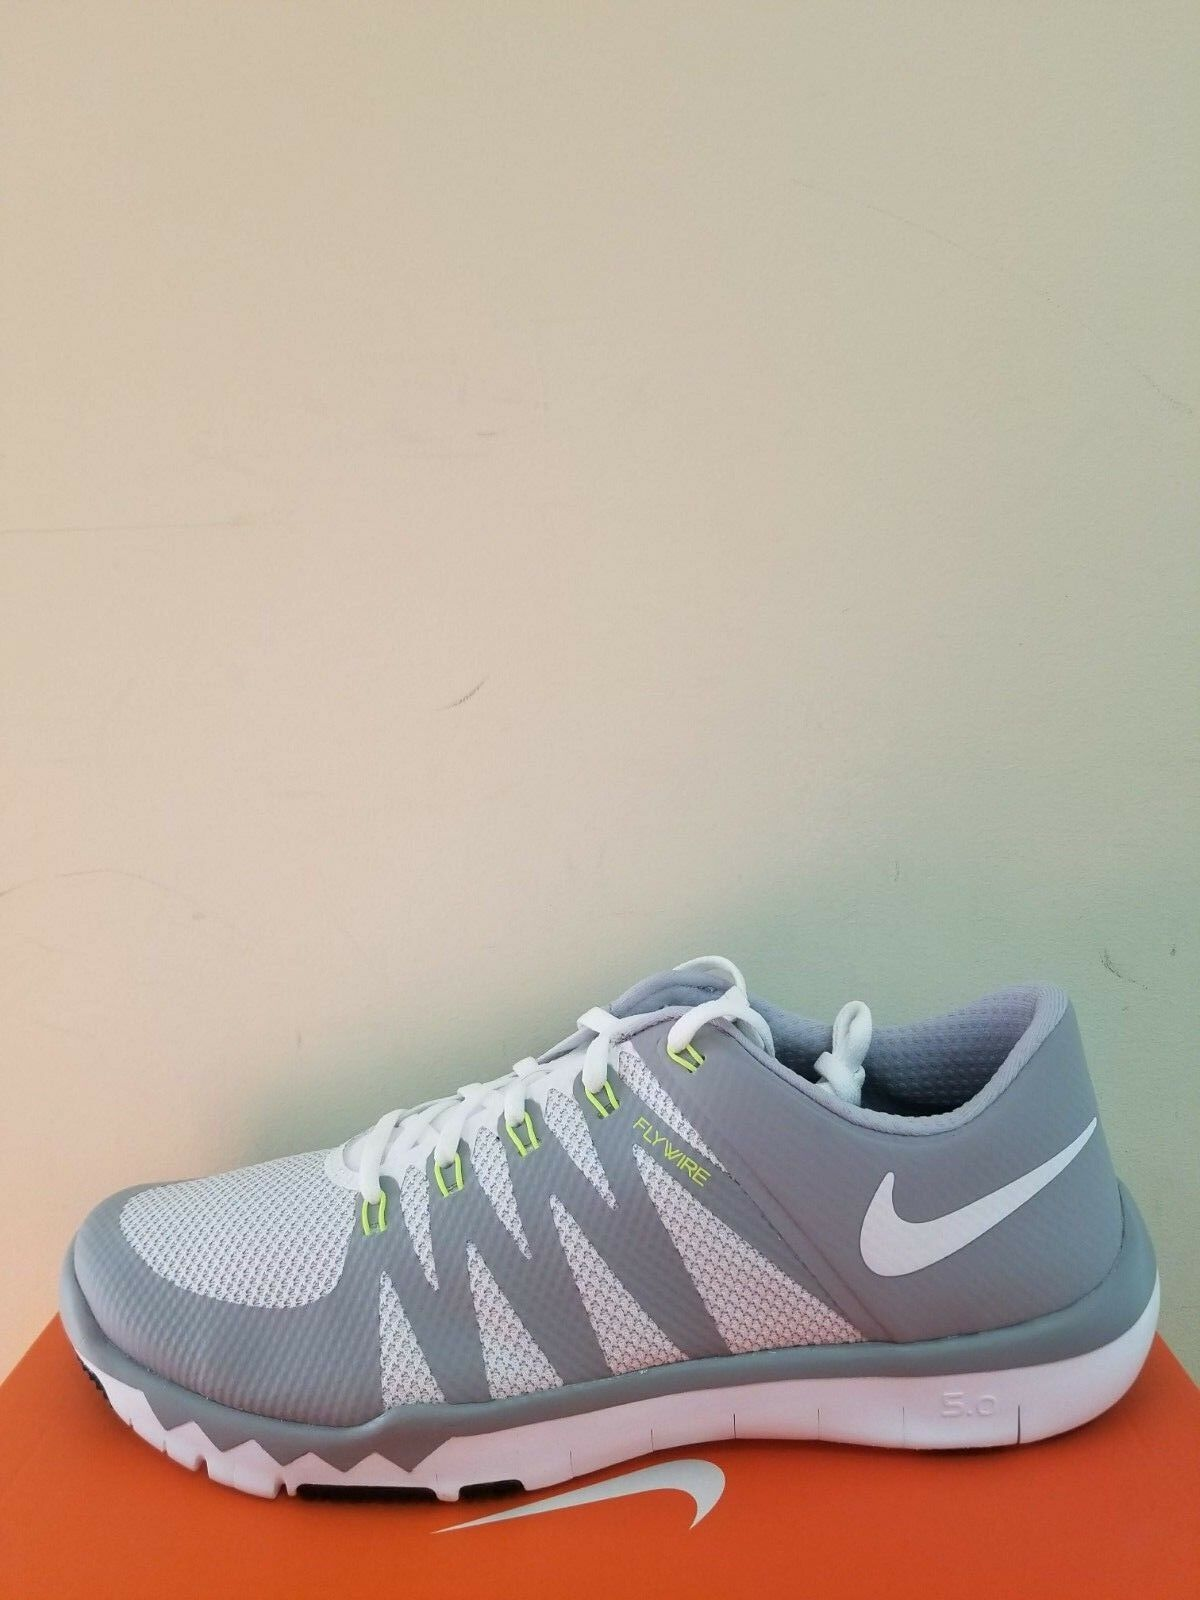 Herren Nike Gratis Trainer 5.0 V6 Kreuz Training Schuh Größe Größe Größe 12.5 Neu in Box 2860df